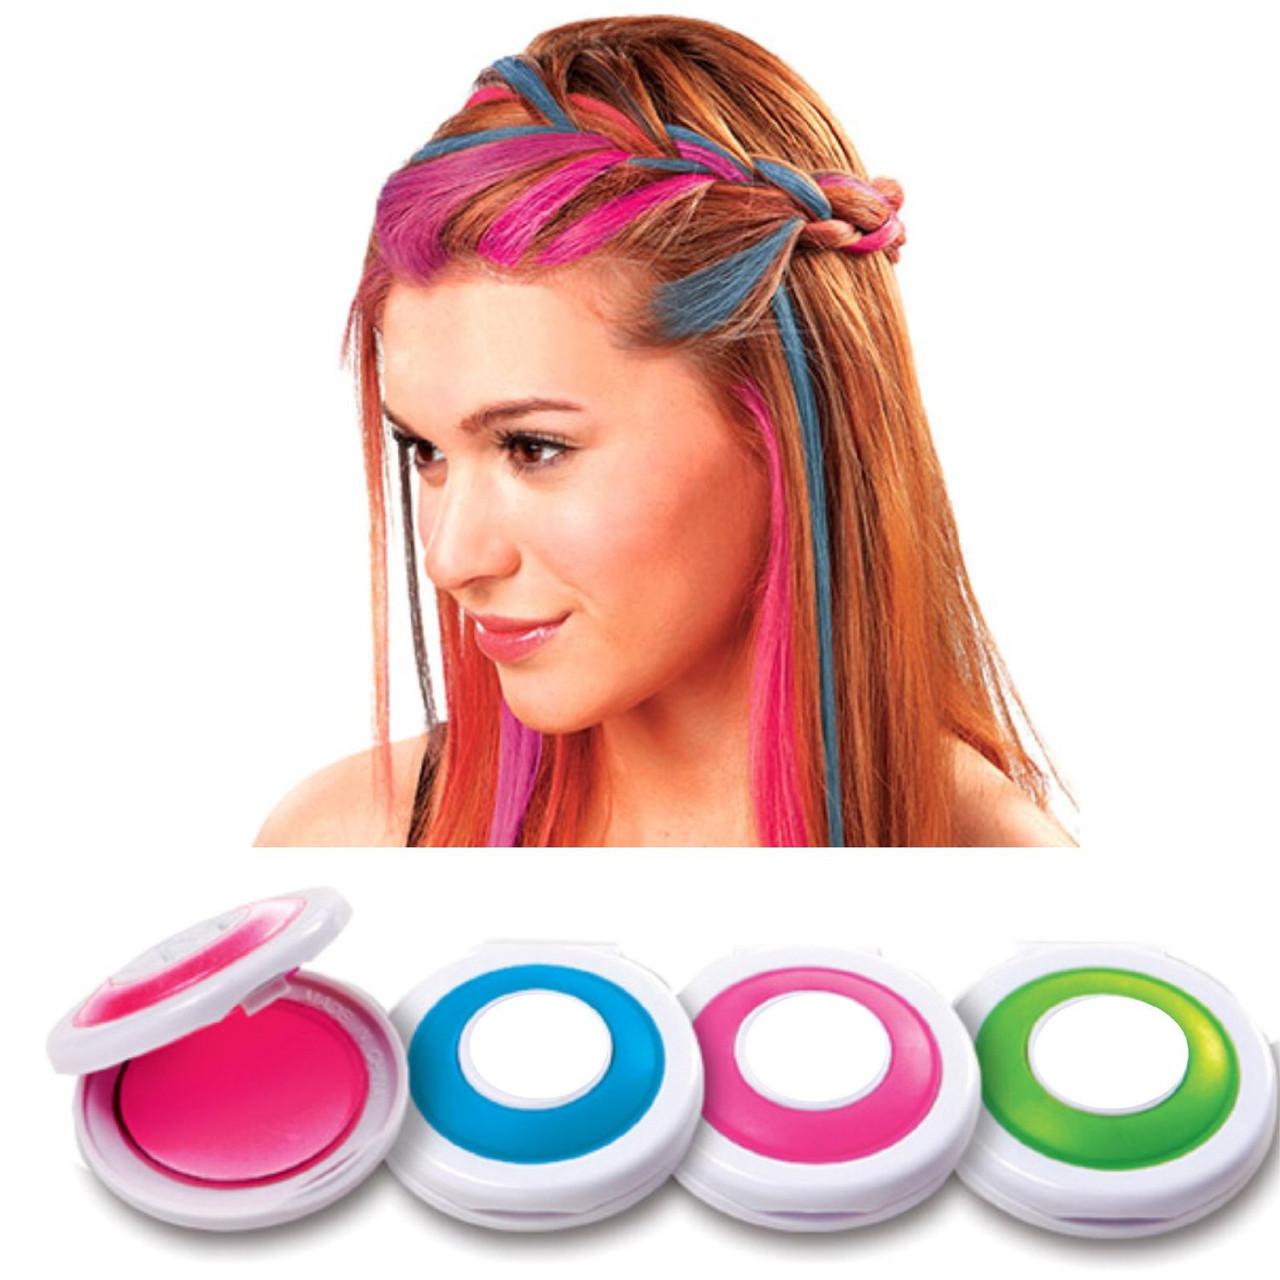 Пудра для окраски волос Hot Huez, цветные мелки для волос